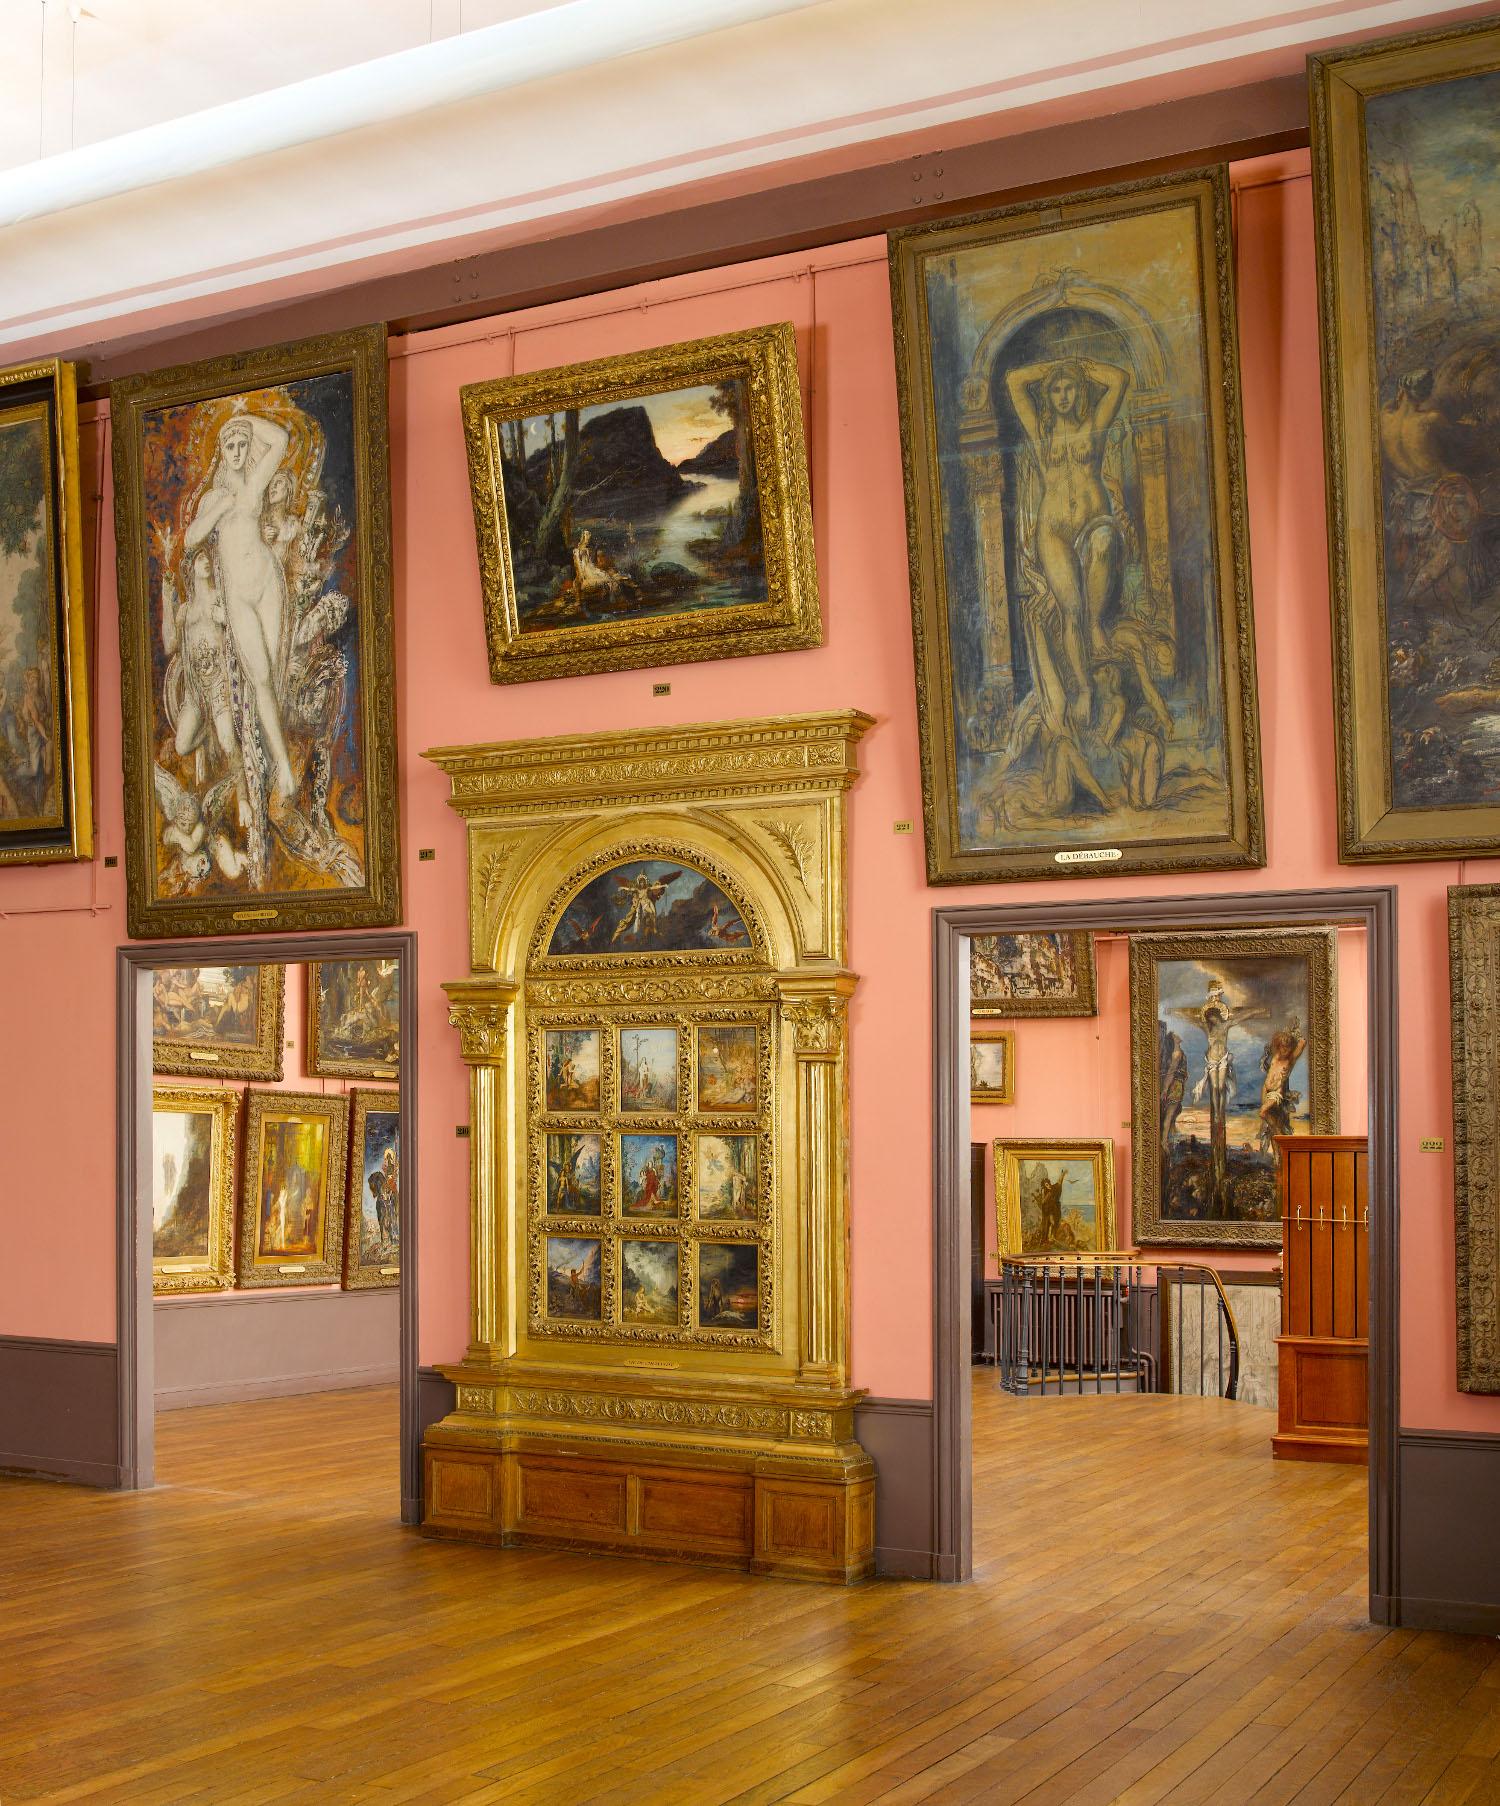 Vue de l'atelier de Gustave Moreau au 3e étage du Musée Gustave Moreau